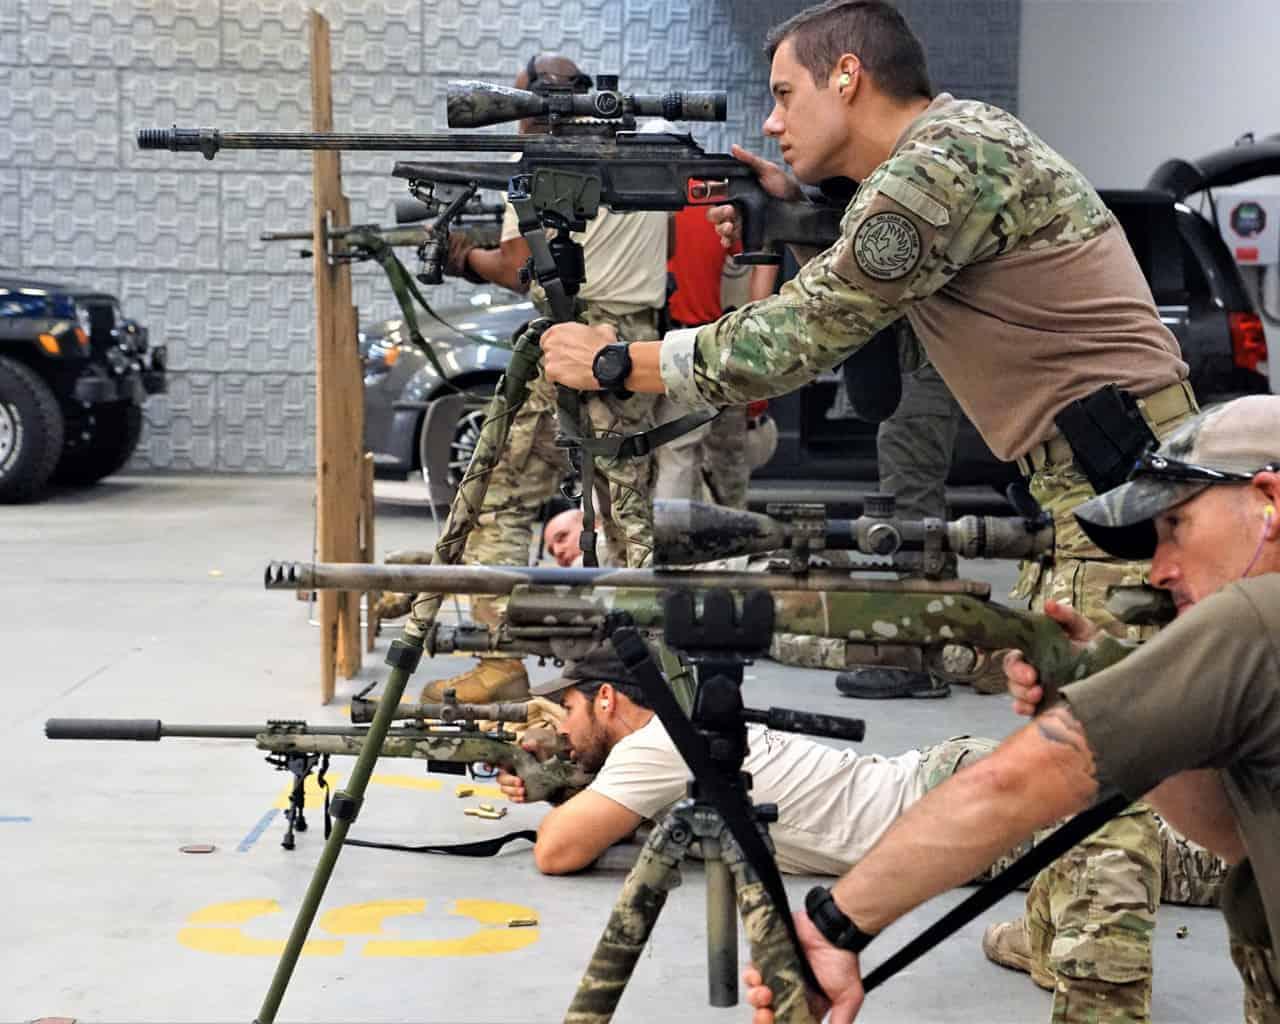 urban-sniper-response-tactics-course-2